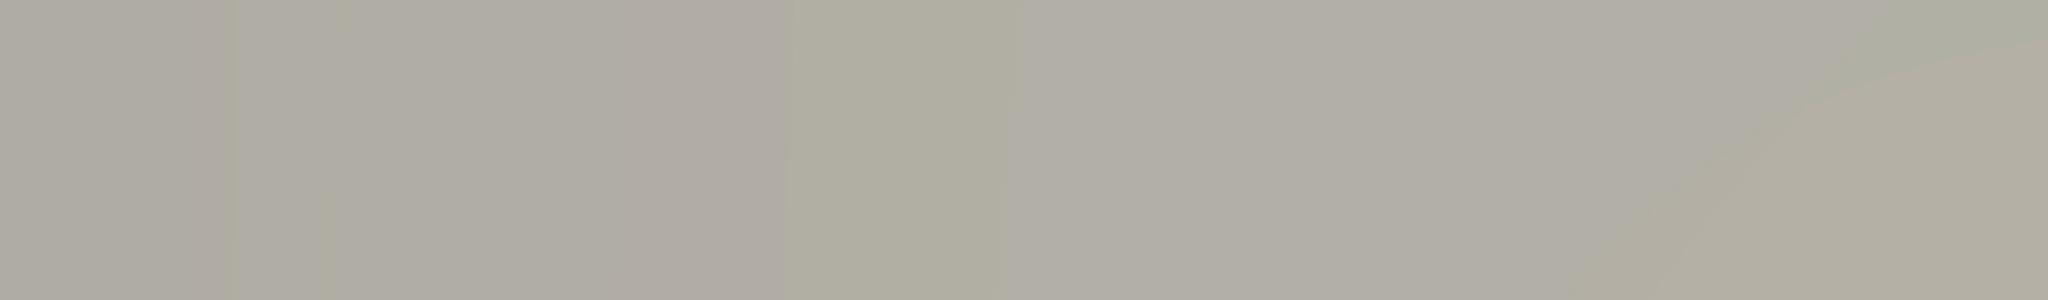 HU 182206 кромка ABS коричневая Fango гладкая глянец 90°